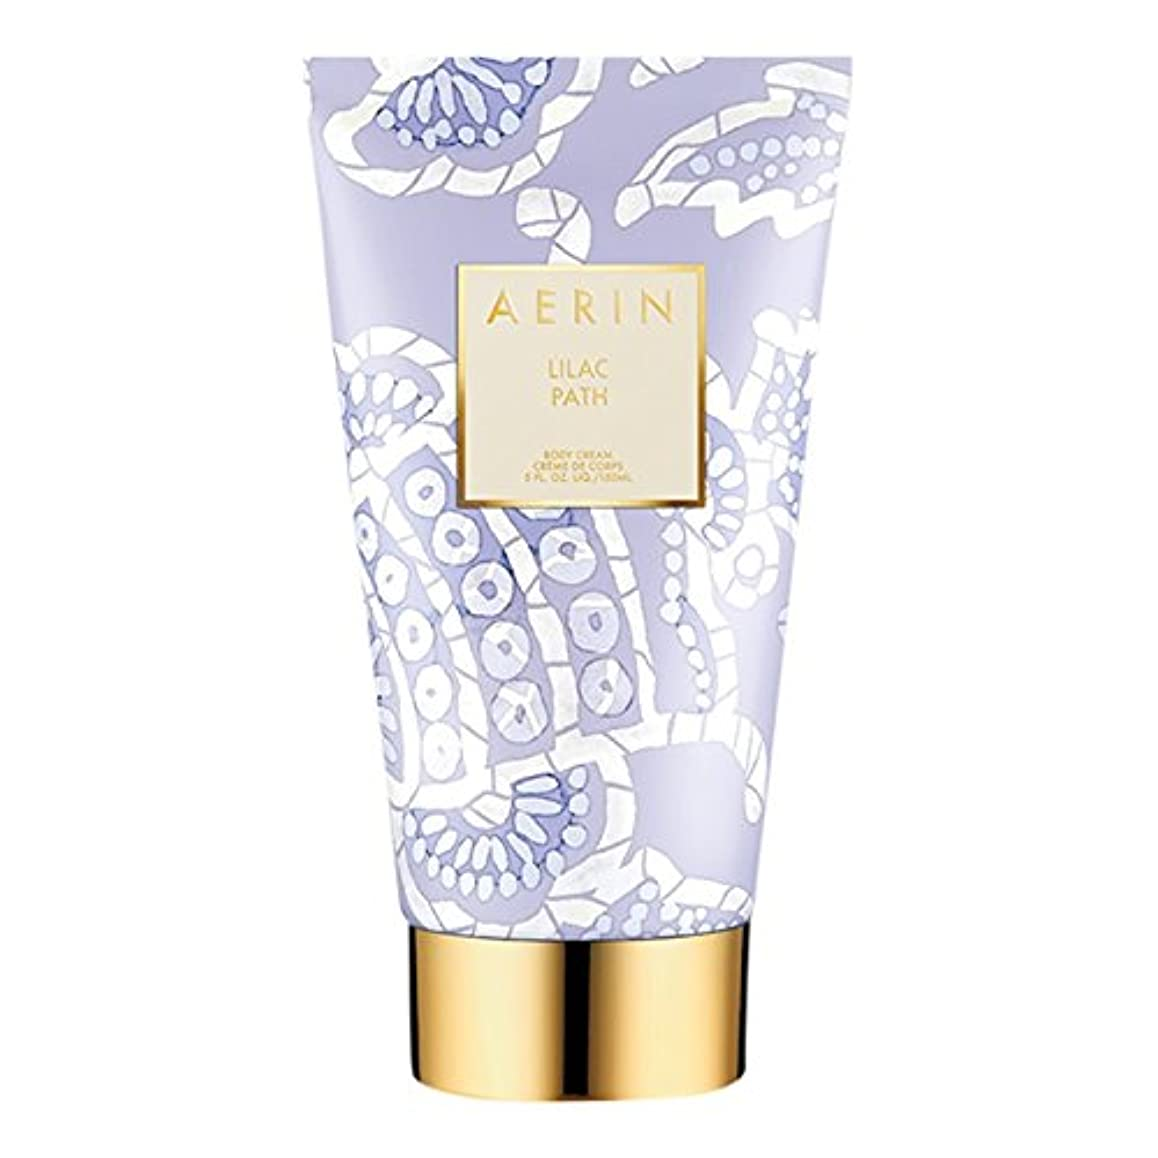 フロンティア喪ピックAerinライラックパスボディクリーム150ミリリットル (AERIN) (x6) - AERIN Lilac Path Body Cream 150ml (Pack of 6) [並行輸入品]